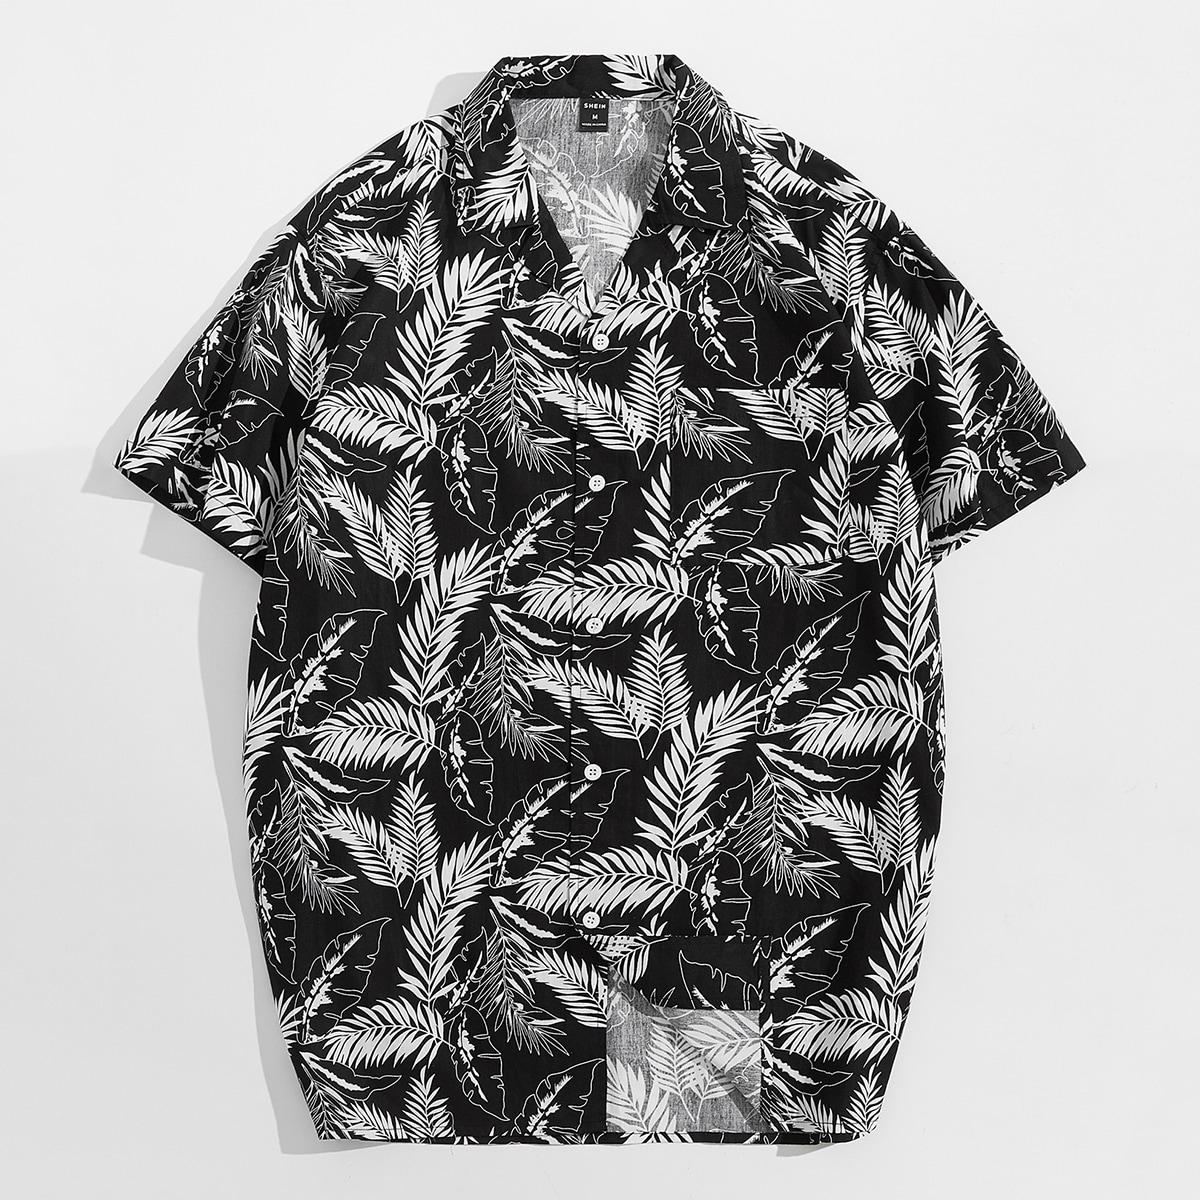 Мужской Рубашка с тропическим принтом на пуговицах SheIn smshirt07210616917